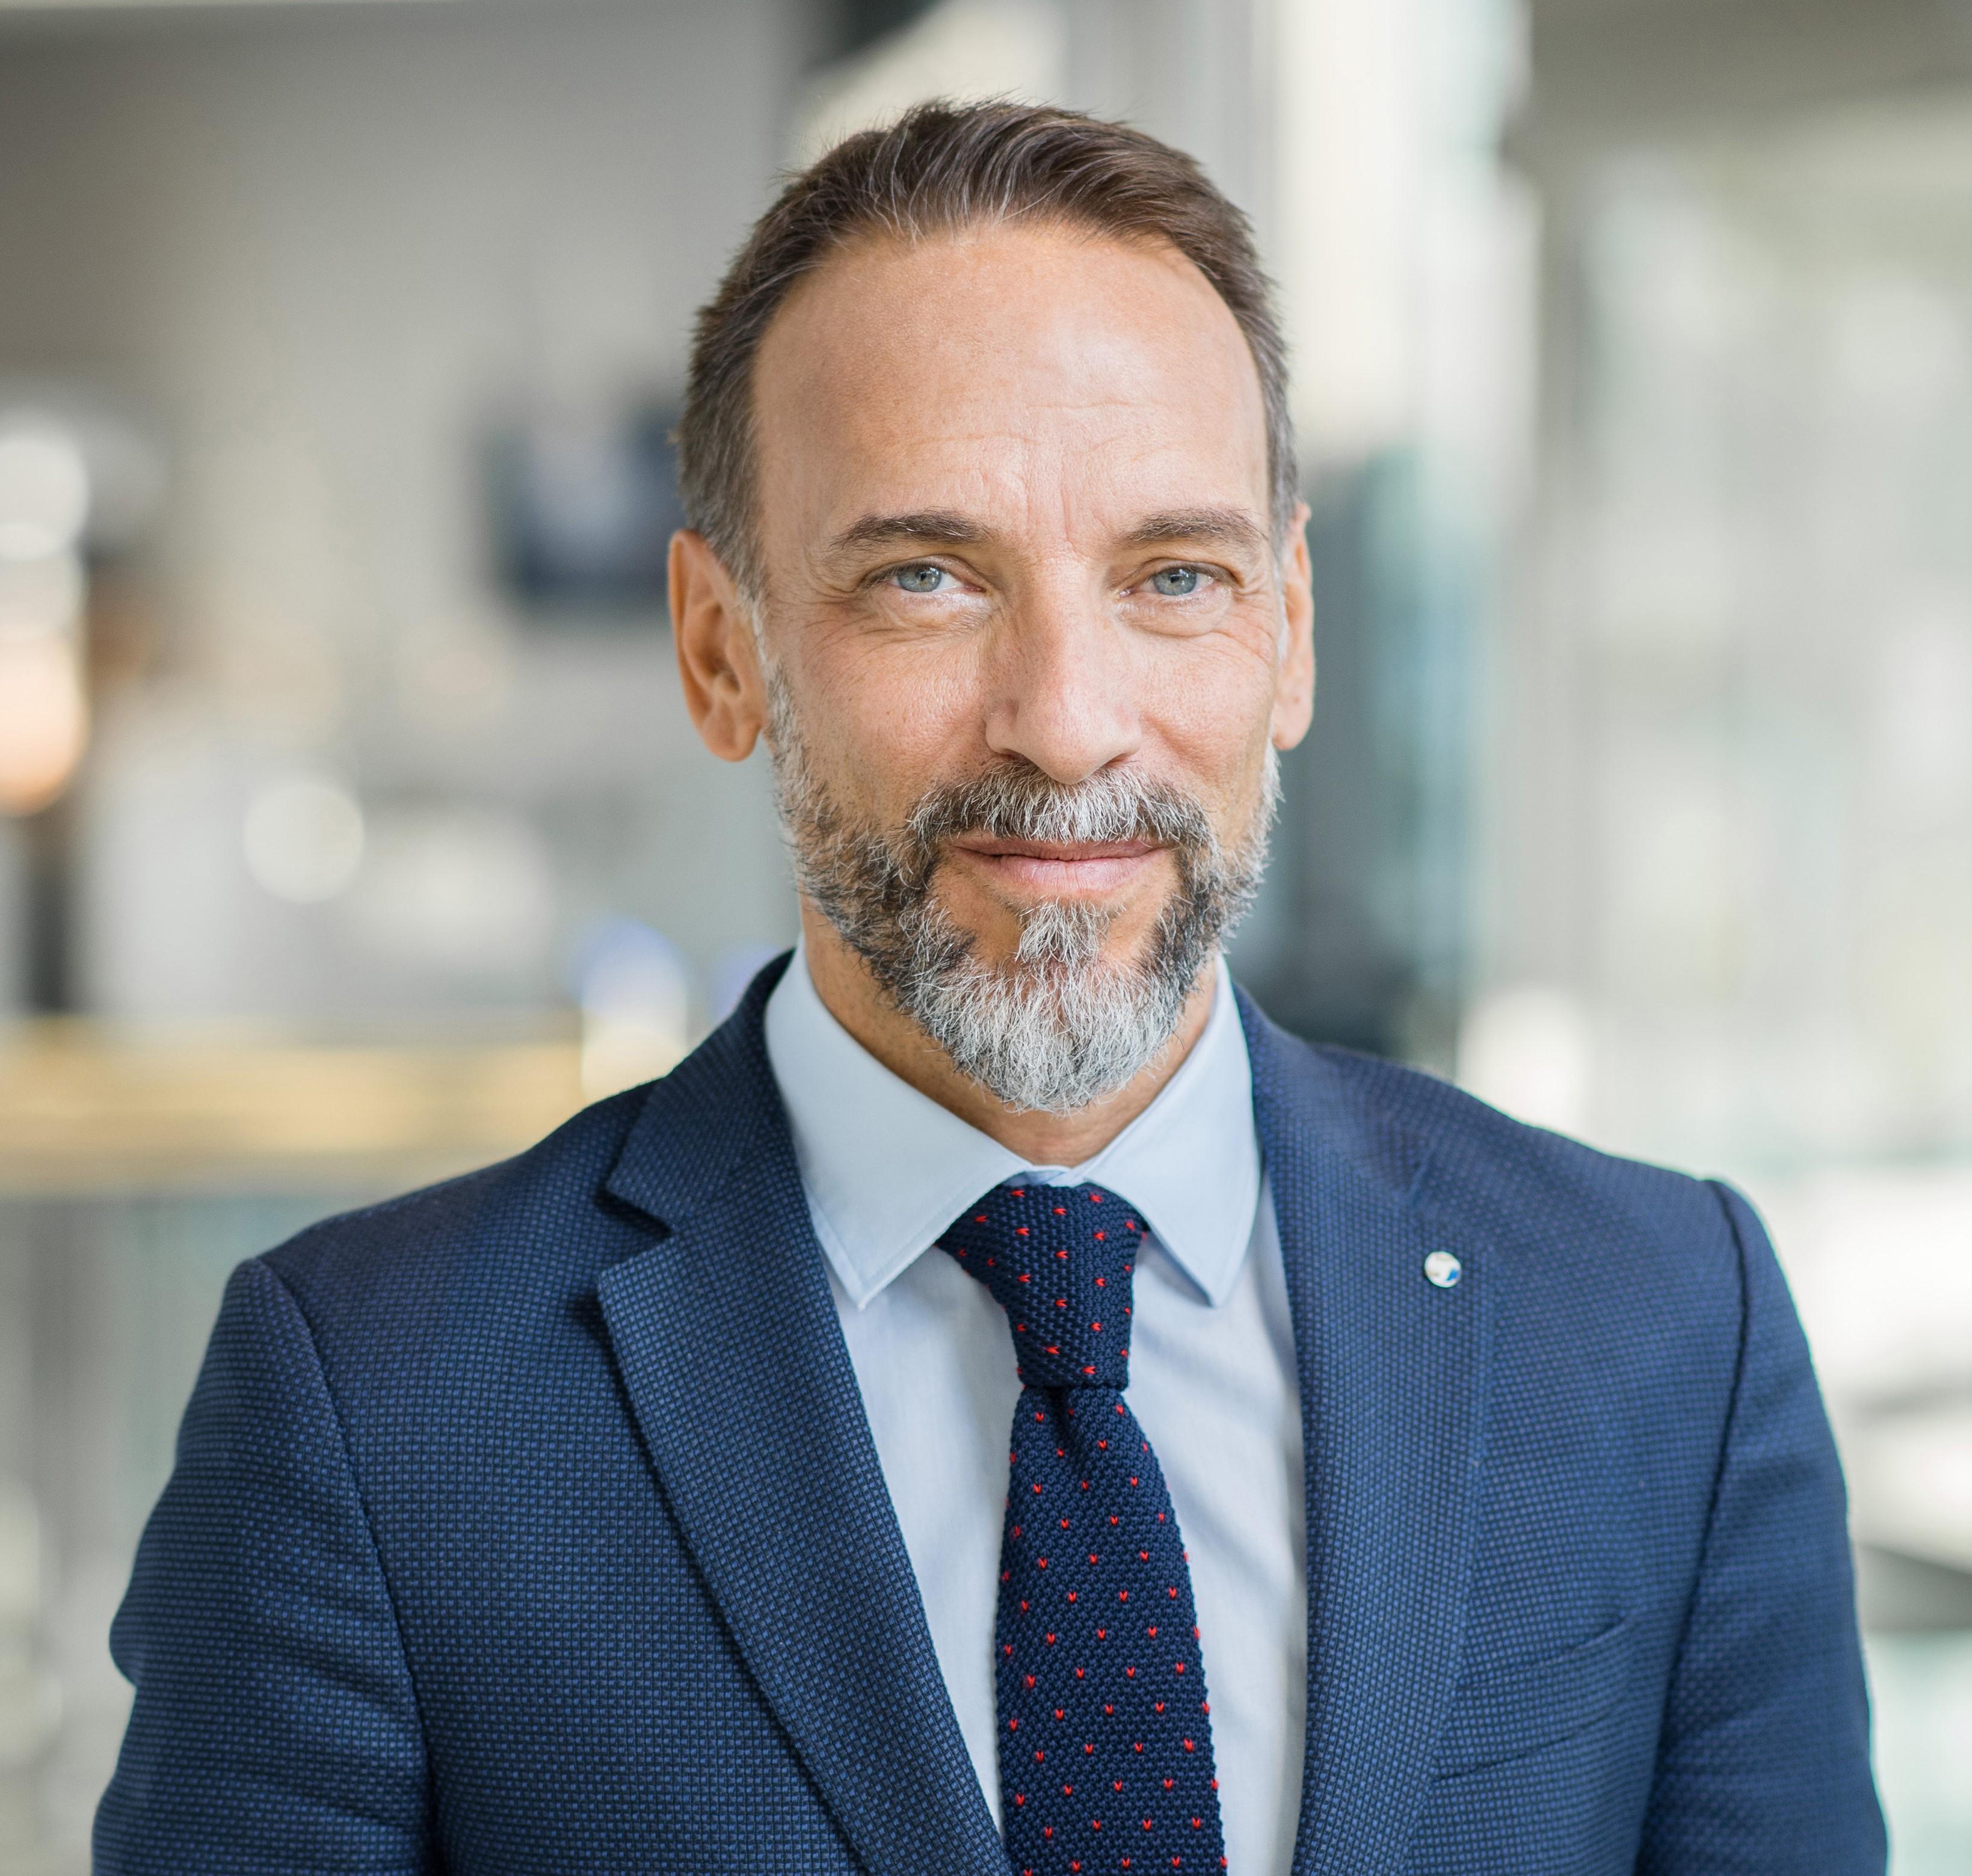 Dr. Fabrizio Guidi